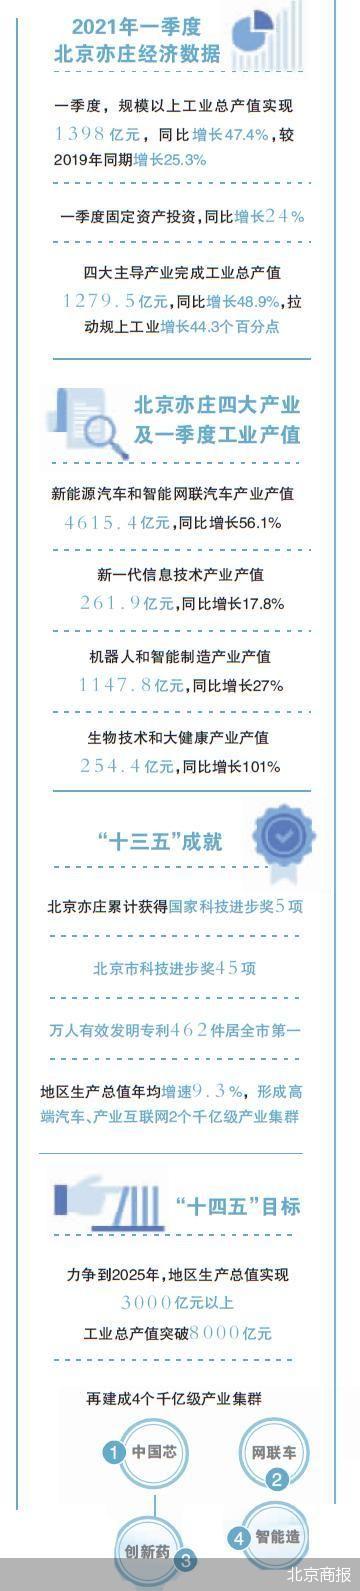 聚焦高精尖 北京亦庄产业集群再出发